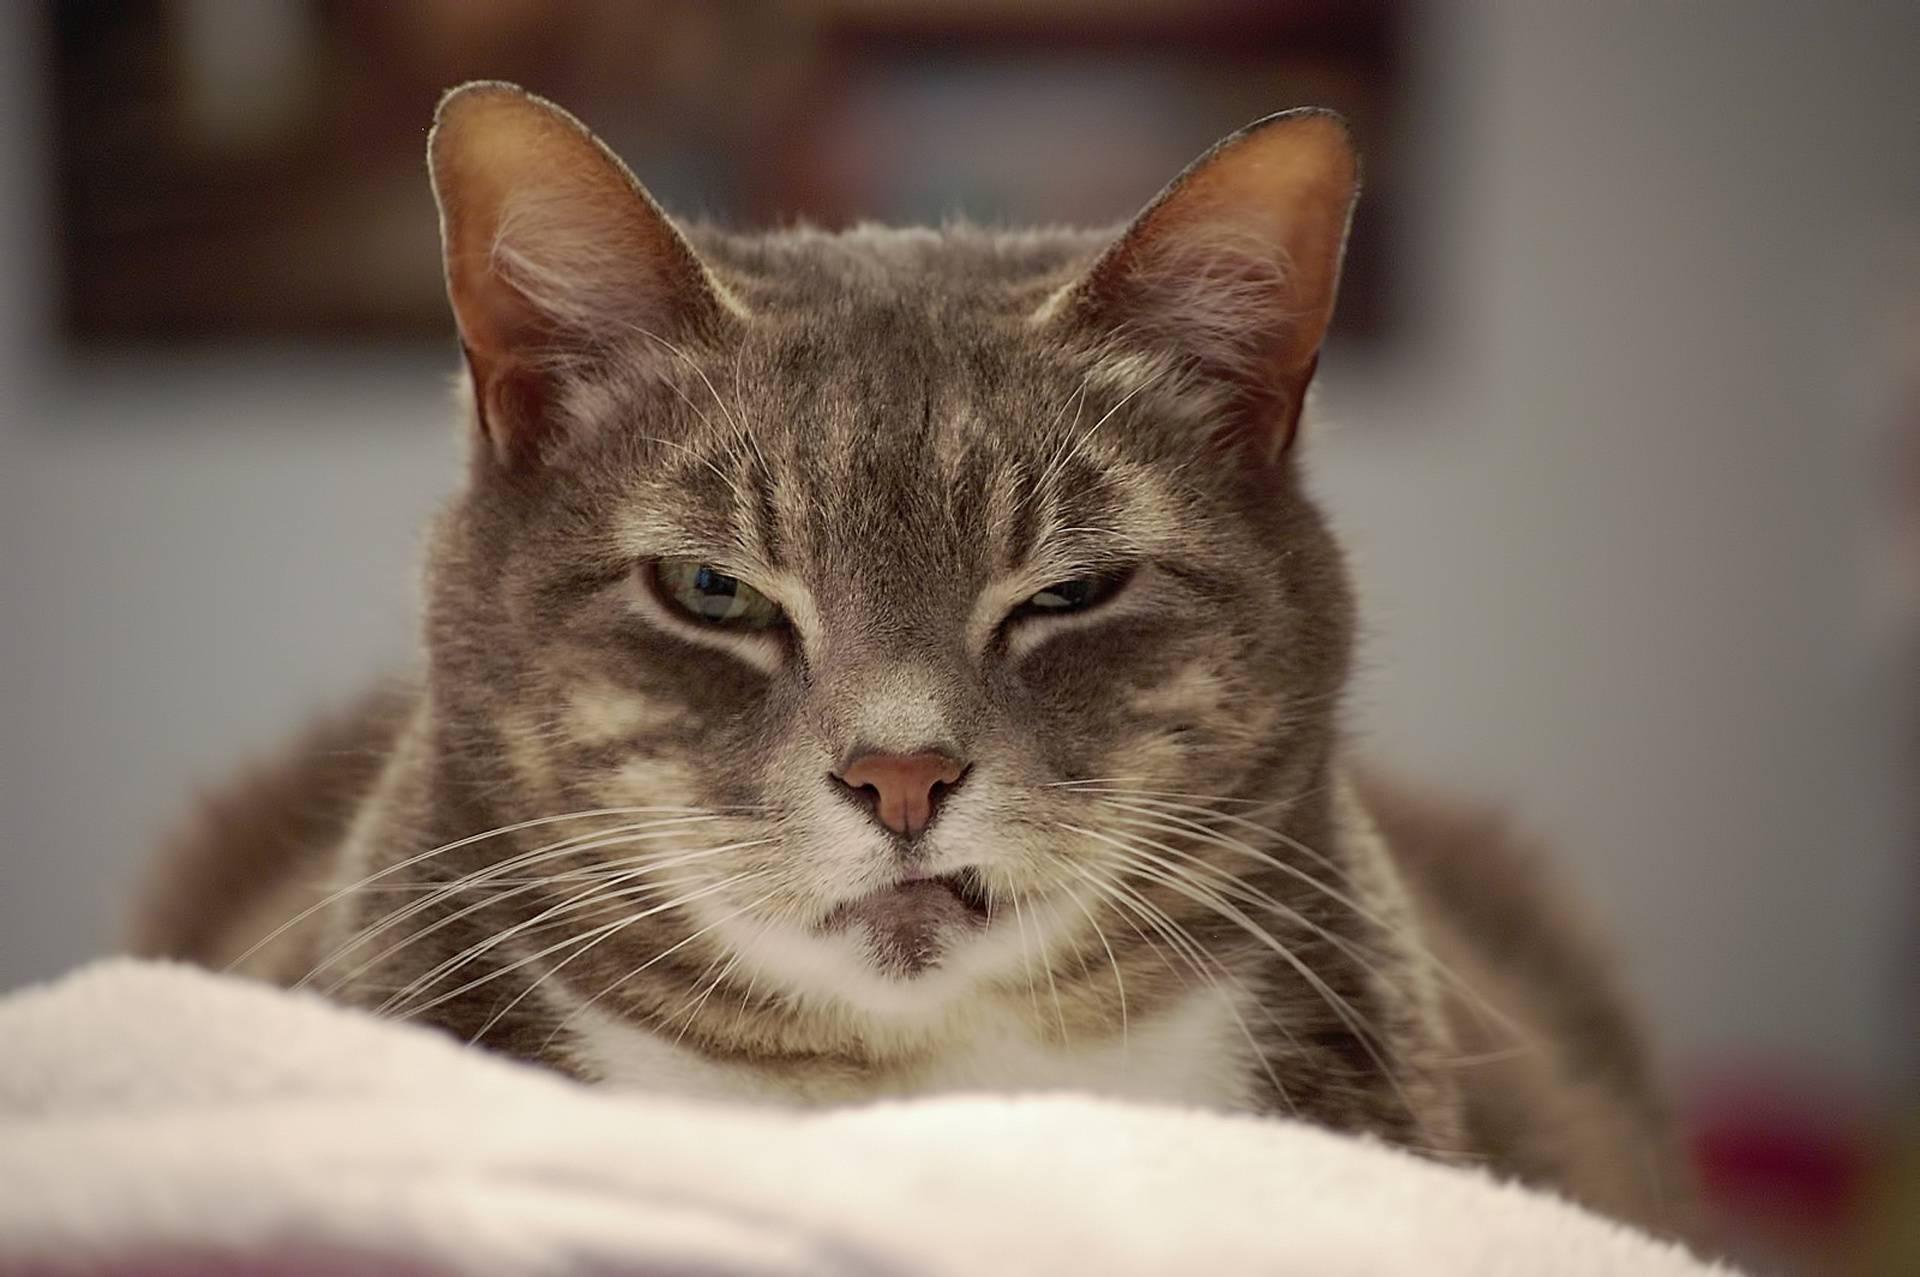 Кошка прищуривает один глаз что делать. кот щурит один глаз - врачебное дело